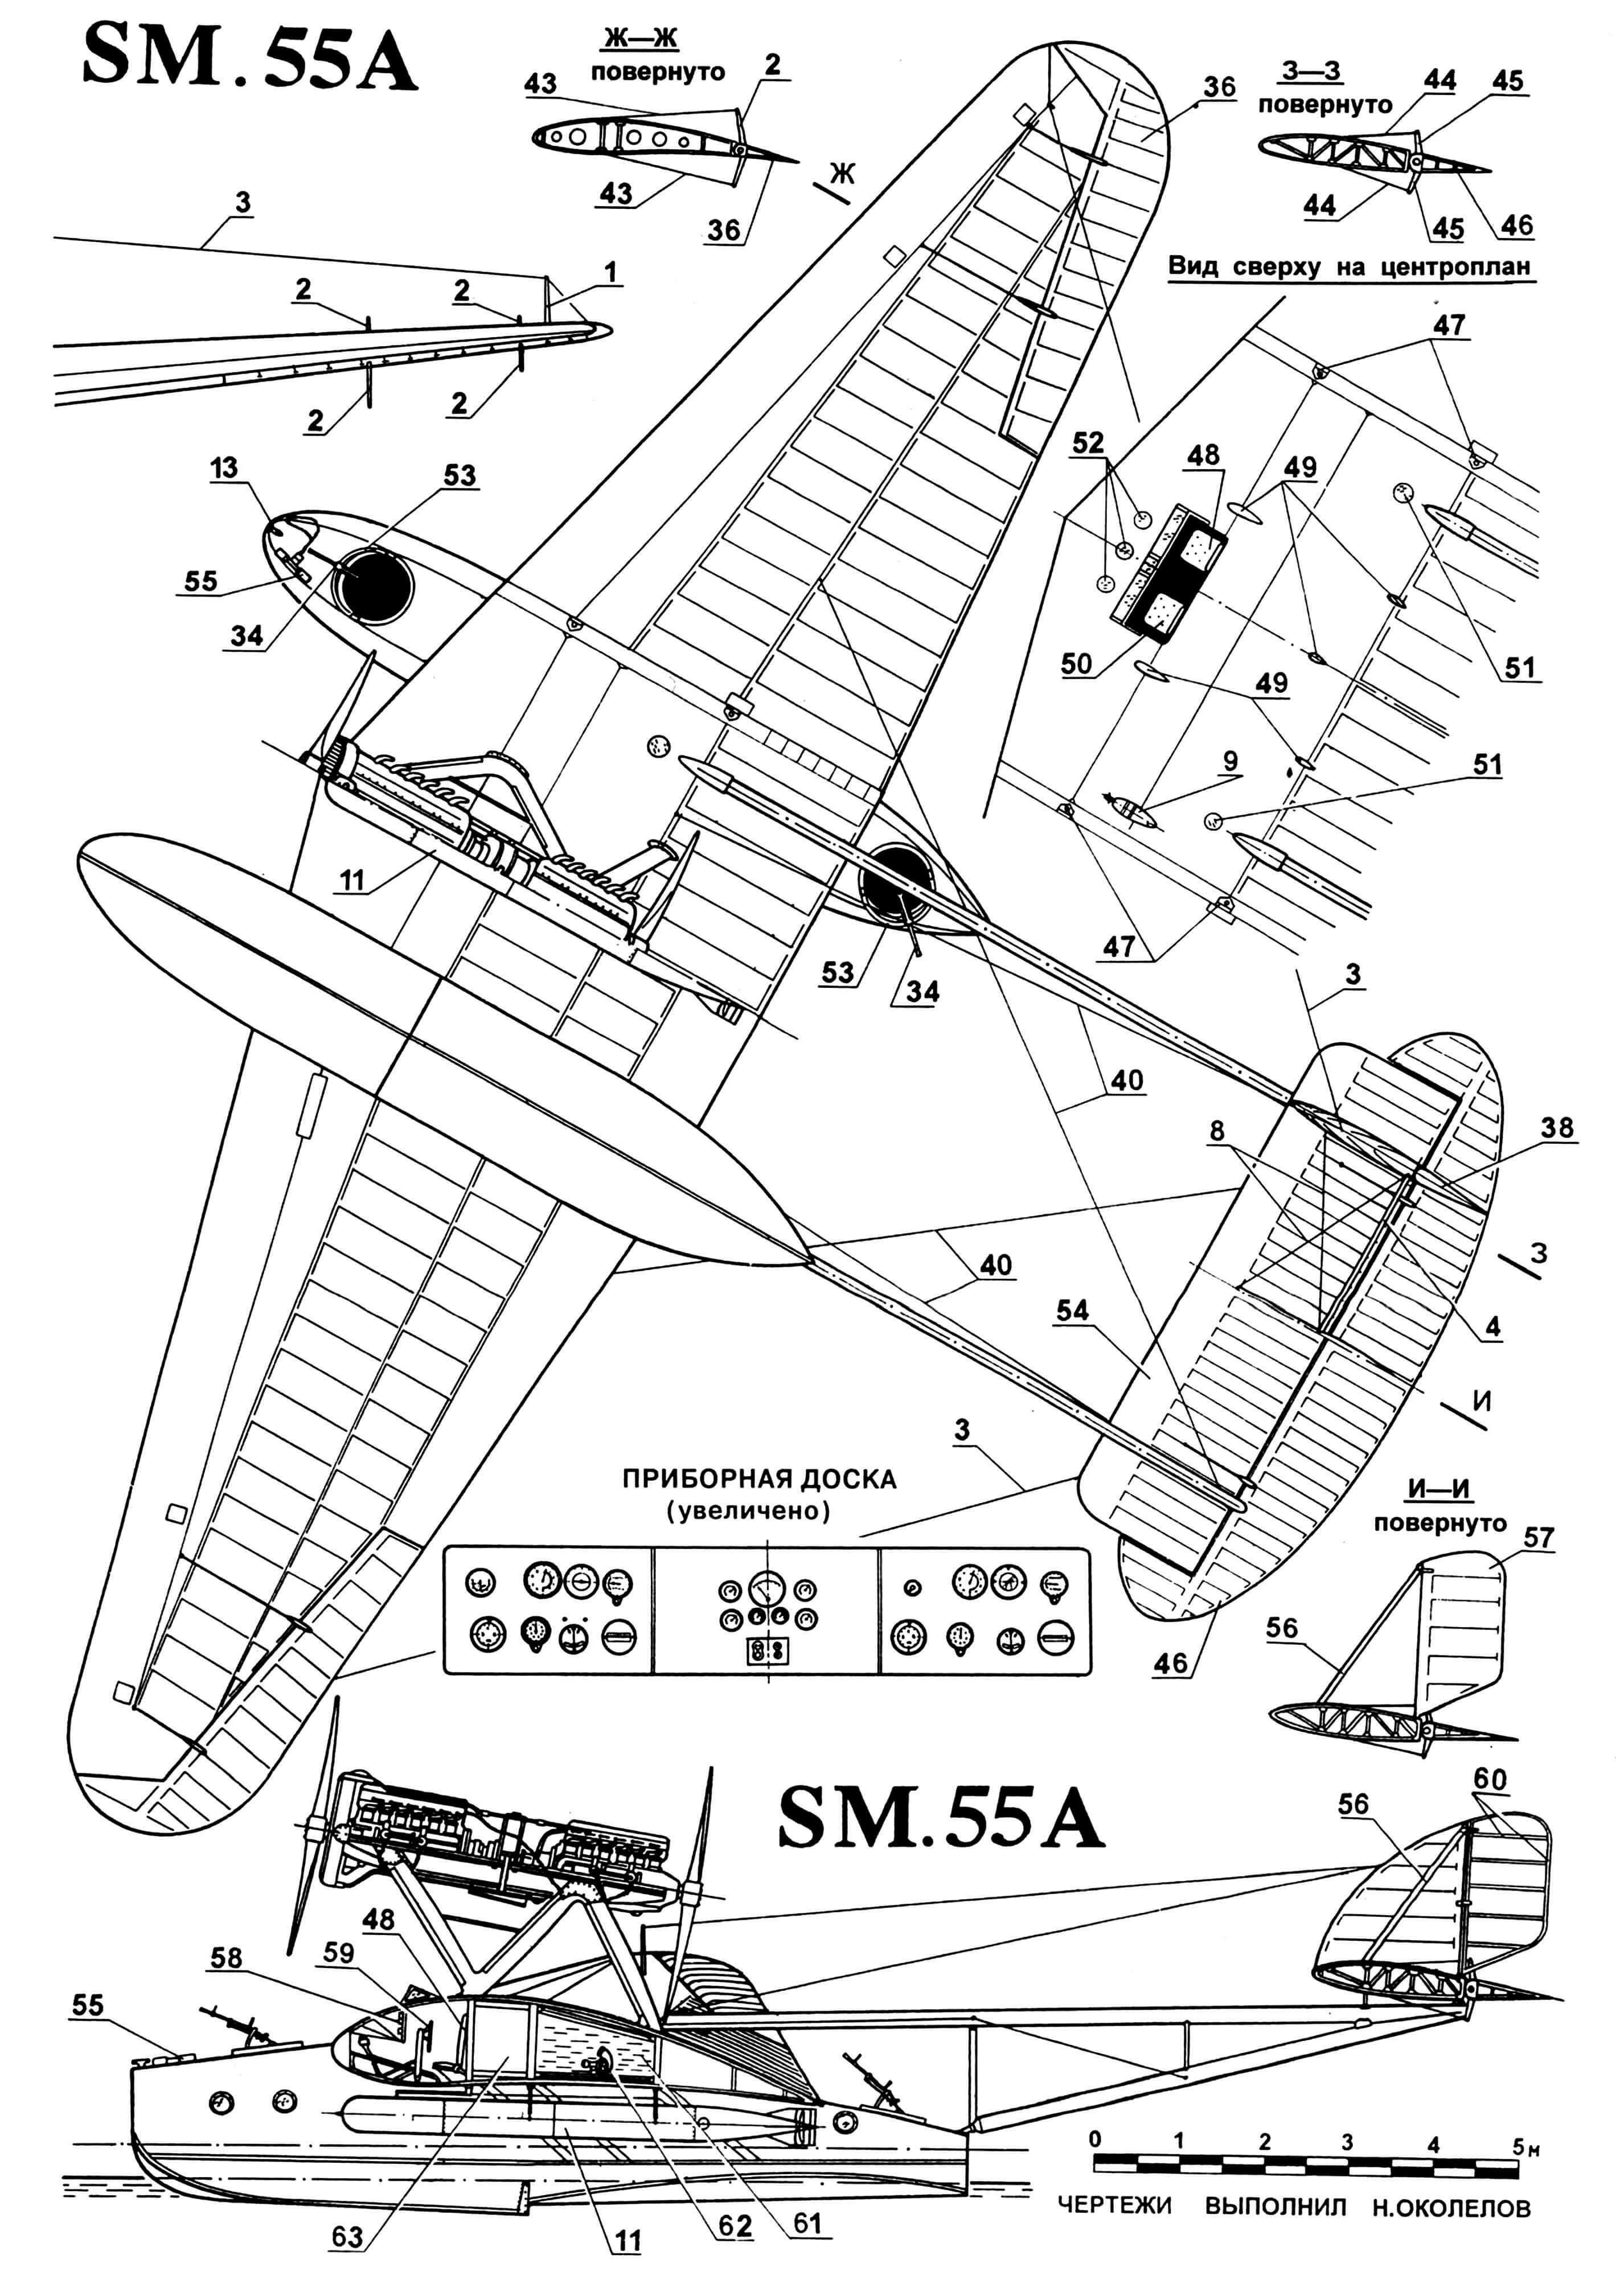 Гидросамолет SM.55: 1 — стойка антенны; 2 — качалки элеронов; 3 — антенна радиостанции; 4 — расчалка трубчатая между рулями; 5 — винт переднего двигателя; 6 — радиатор двигателей; 7 — винт заднего двигателя; 8 — расчалки килей; 9 — электрогенератор; 10 — штанга приемника воздушного давления; 11 — торпеда; 12 — фонарь кабины пилотов; 13 — крюк швартовочный; 14 — блоки радиостанции; 15 — стойки моторной рамы; 16 — горловина радиаторе, заправочная; 17 — маслобак; 18 — моторама; 19 — тяга управления рулем высоты; 20 — набор киля силовой; 21 — узлы навески руля поворота; 22 — руль высоты; 23 — тяга крепления хвостовой балки; 24 — набор корпуса лодки силовой; 25 — накладки корпуса усиливающие; 26 — баки топливные фюзеляжные; 27 — бензопомпа ручная; 28 — сиденье радиста; 29 — иллюминатор радиорубки; 30 — стол радиста рабочий; 31 — контейнер с продовольствием; 32 — сиденье носового стрелка; 33 — стремянка; 34 — пулемет; 35 — узлы крепления двигателя; 36 — элерон; 37 — киль; 38 — руль поворота; 39 — окна-иллюминаторы; 40 — расчалки хвостового оперения; 41 — двигатели «Изотта Фраскини» ASSO 500; 42 — балки хвостовые; 43 — тяги управления элеронами; 44 — тяги управления рулем высоты; 45 — качалка руля высоты; 46 — руль высоты; 47 — узлы крепления консолей крыла; 48 — кресло второго пилота; 49 — места крепления стоек двигателя к центроплану; 50 — кресло командира; 51 — иллюминаторы освещения фюзеляжа; 52 — иллюминаторы освещения приборной доски; 53 — турели пулеметные; 54 — стабилизатор; 55 — устройство якорное; 56 — подкос центрального руля поворота; 57 — руль поворота центральный; 58 — доска приборная; 59 — штурвал управления; 60 — набор центрального руля поворота силовой; 61 — бак топливный, центральный; 62 — насос топливный; 63 — контейнер со спасательным снаряжением.